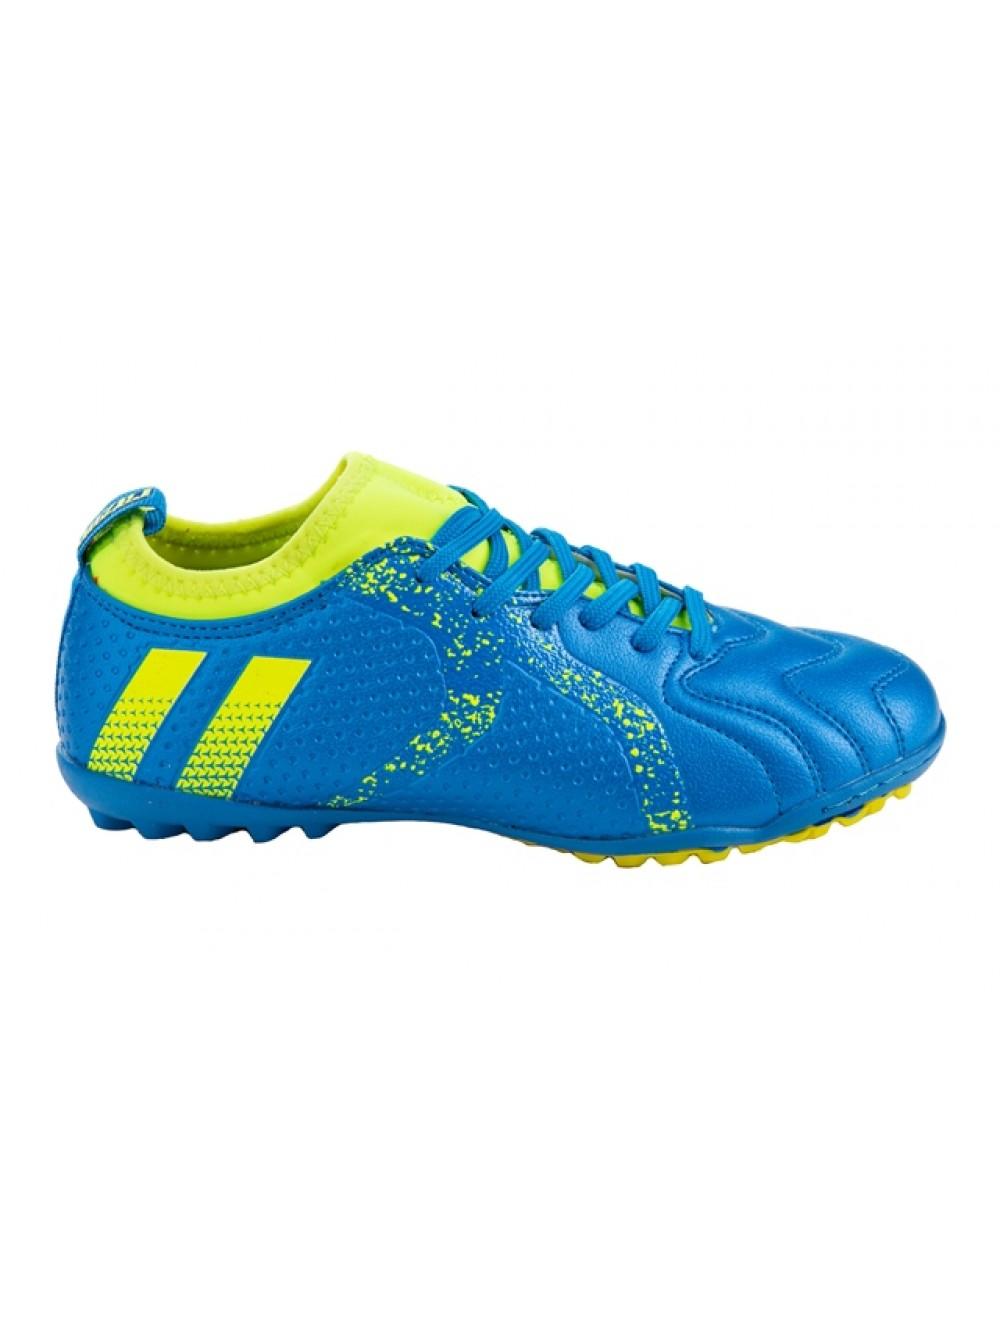 e31dfb6c Обувь для футбола сороконожка Razor DWB17622 L.BLUE L.YELLOW 37-41 | KED